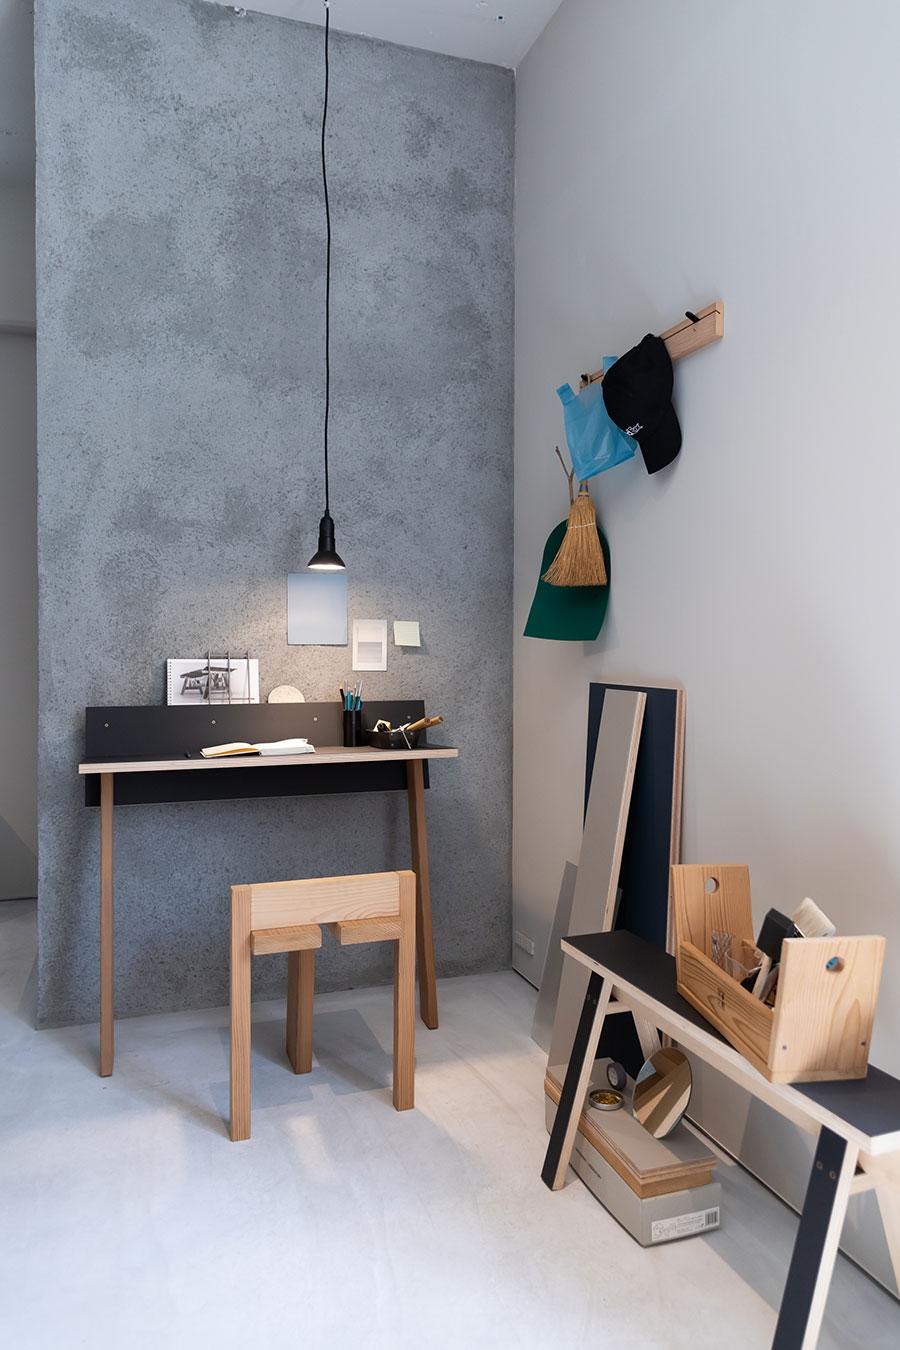 『石巻工房』の最新アイテム。左の壁に立て掛けて使うデスクは、省スペースでリモートワークのコーナーを作れる。